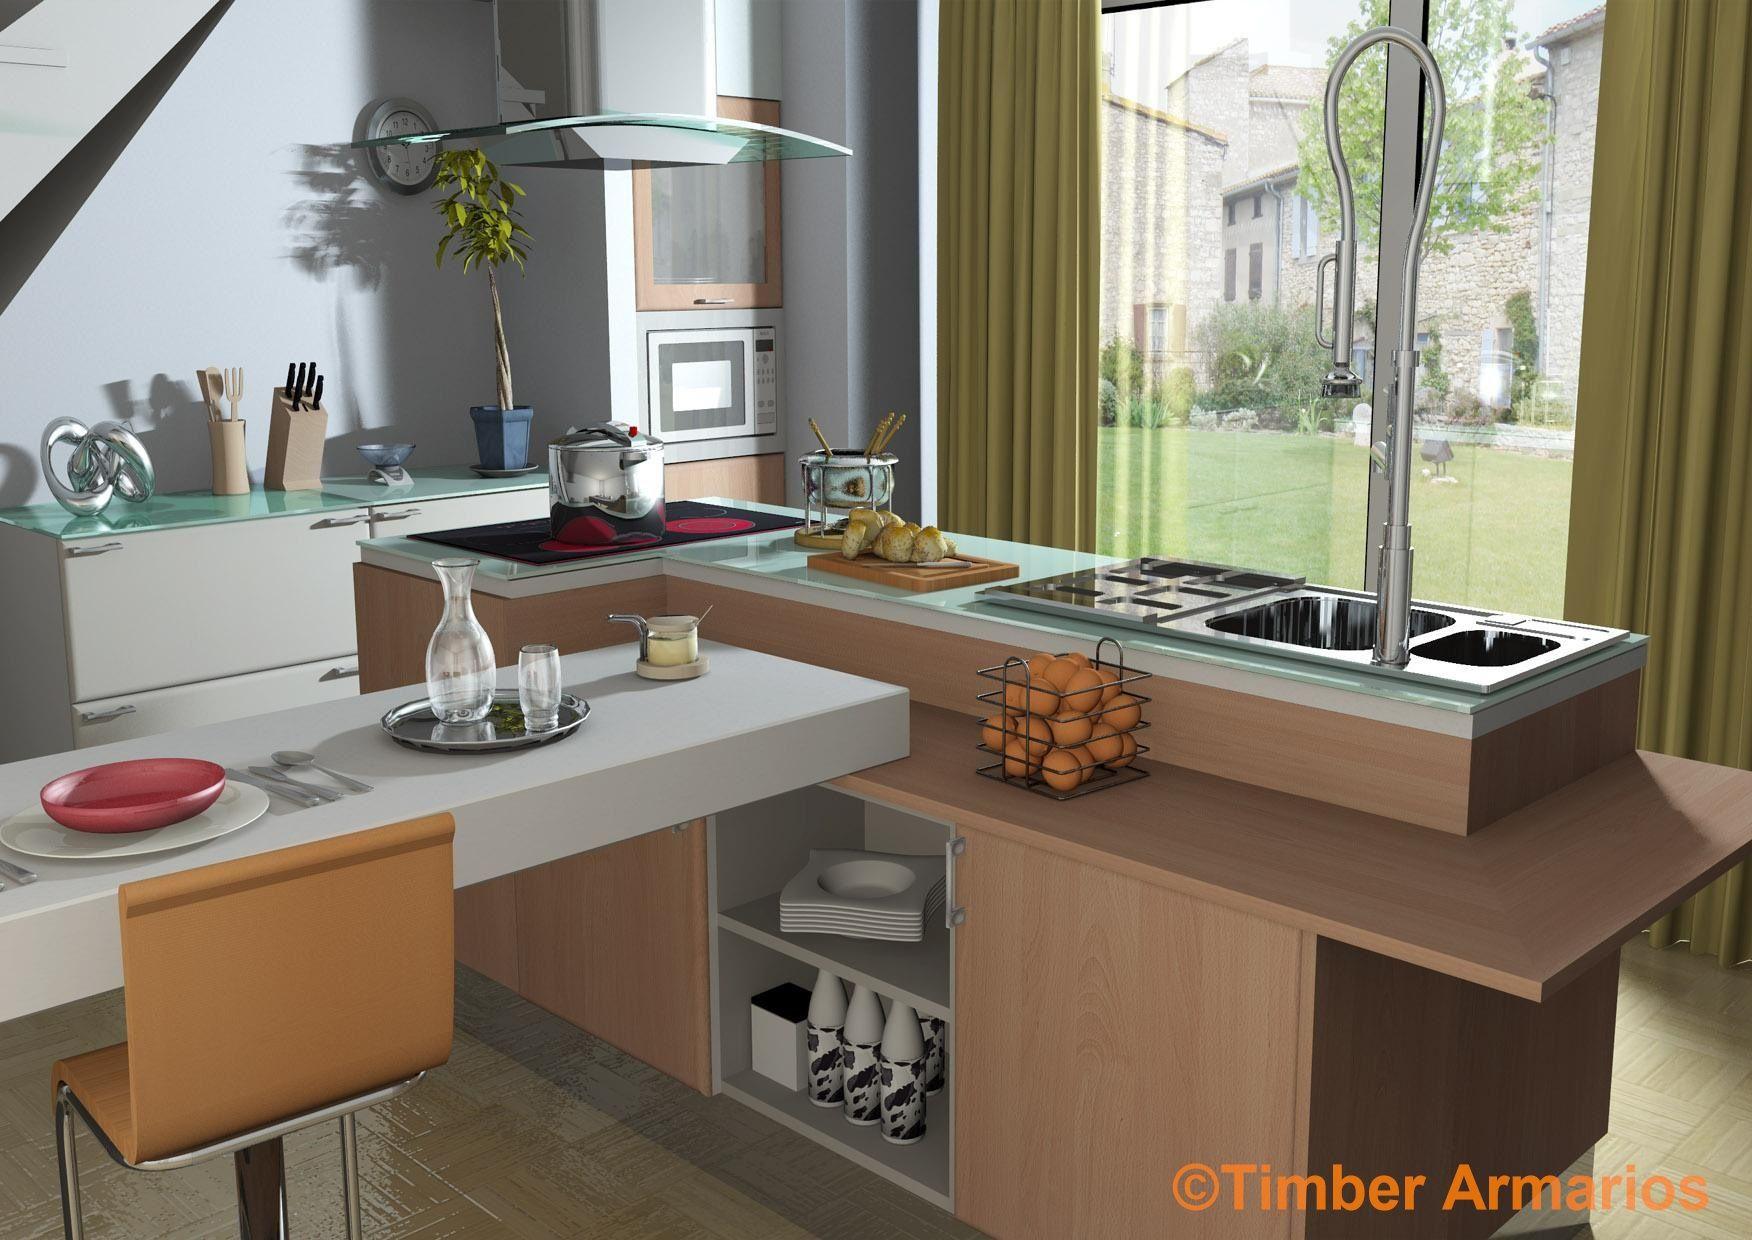 Exposici n timber armarios granada armarios empotrados - Cocinas economicas granada ...